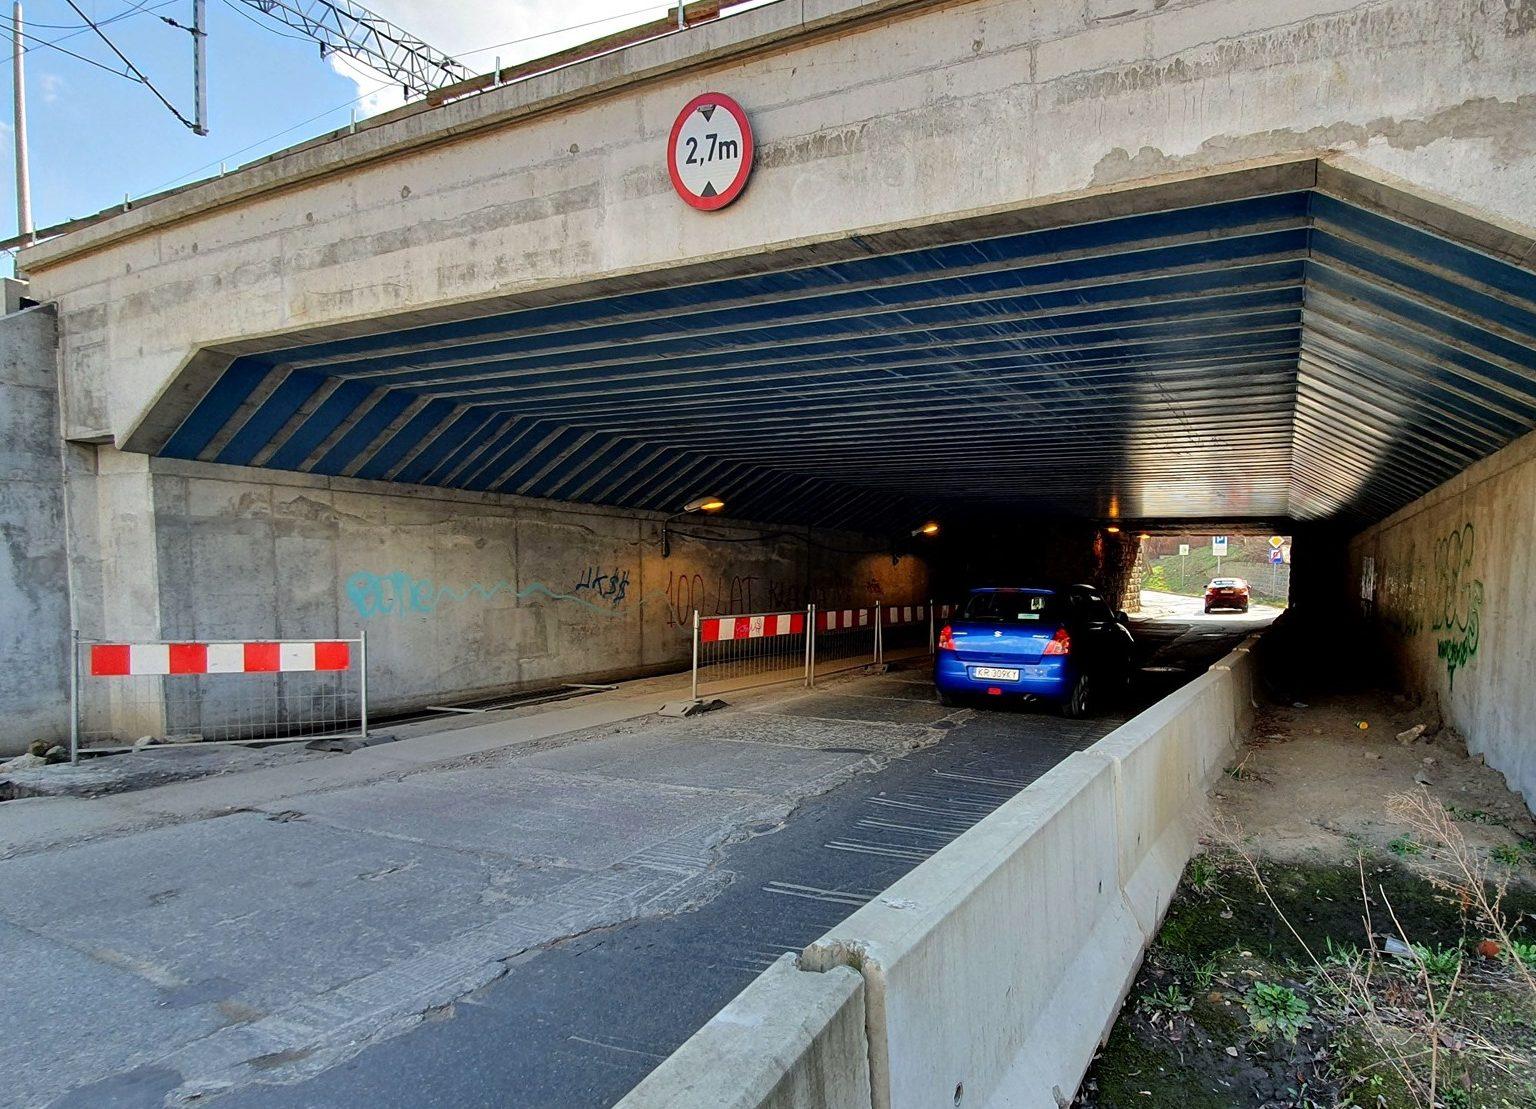 Zdjęcie 1 przedstawia aktualny widok wiaduktu nad ul. Łokietka.